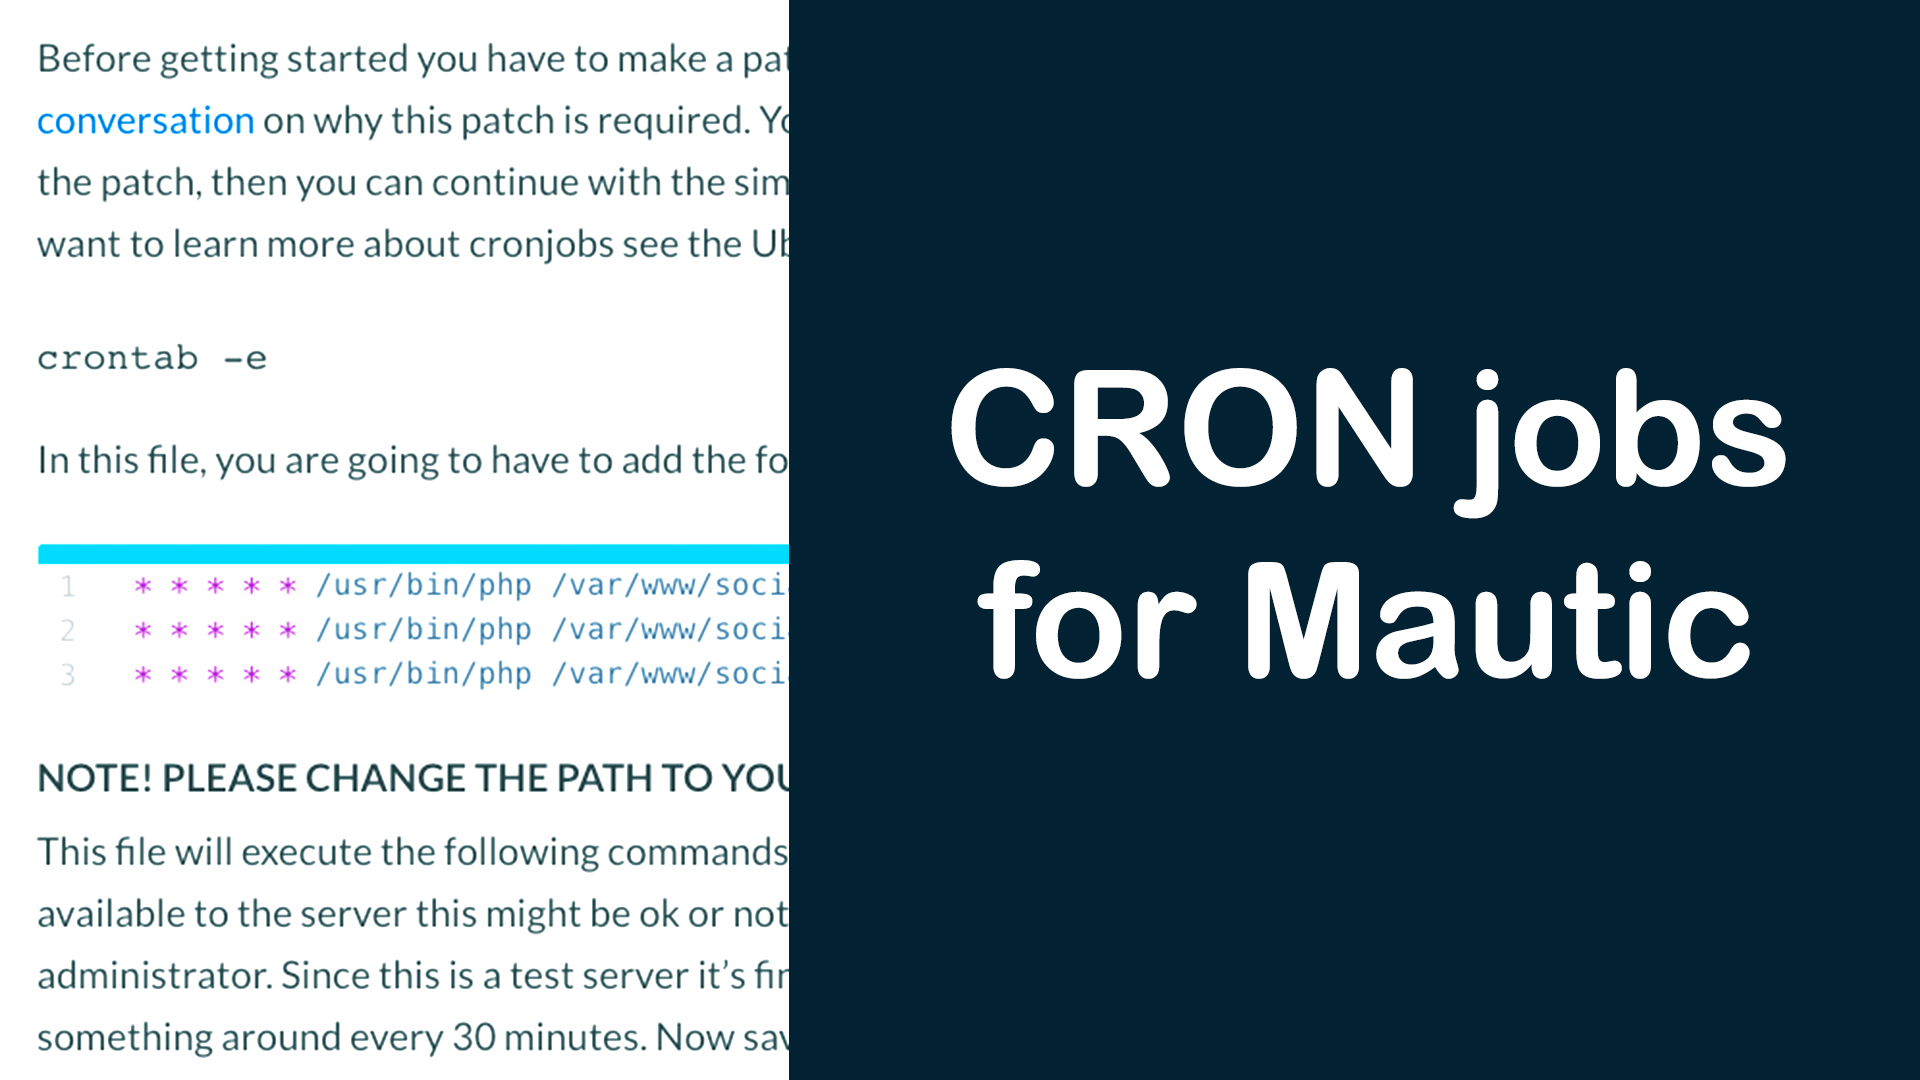 How to setup CRON jobs for Mautic | JSecademy